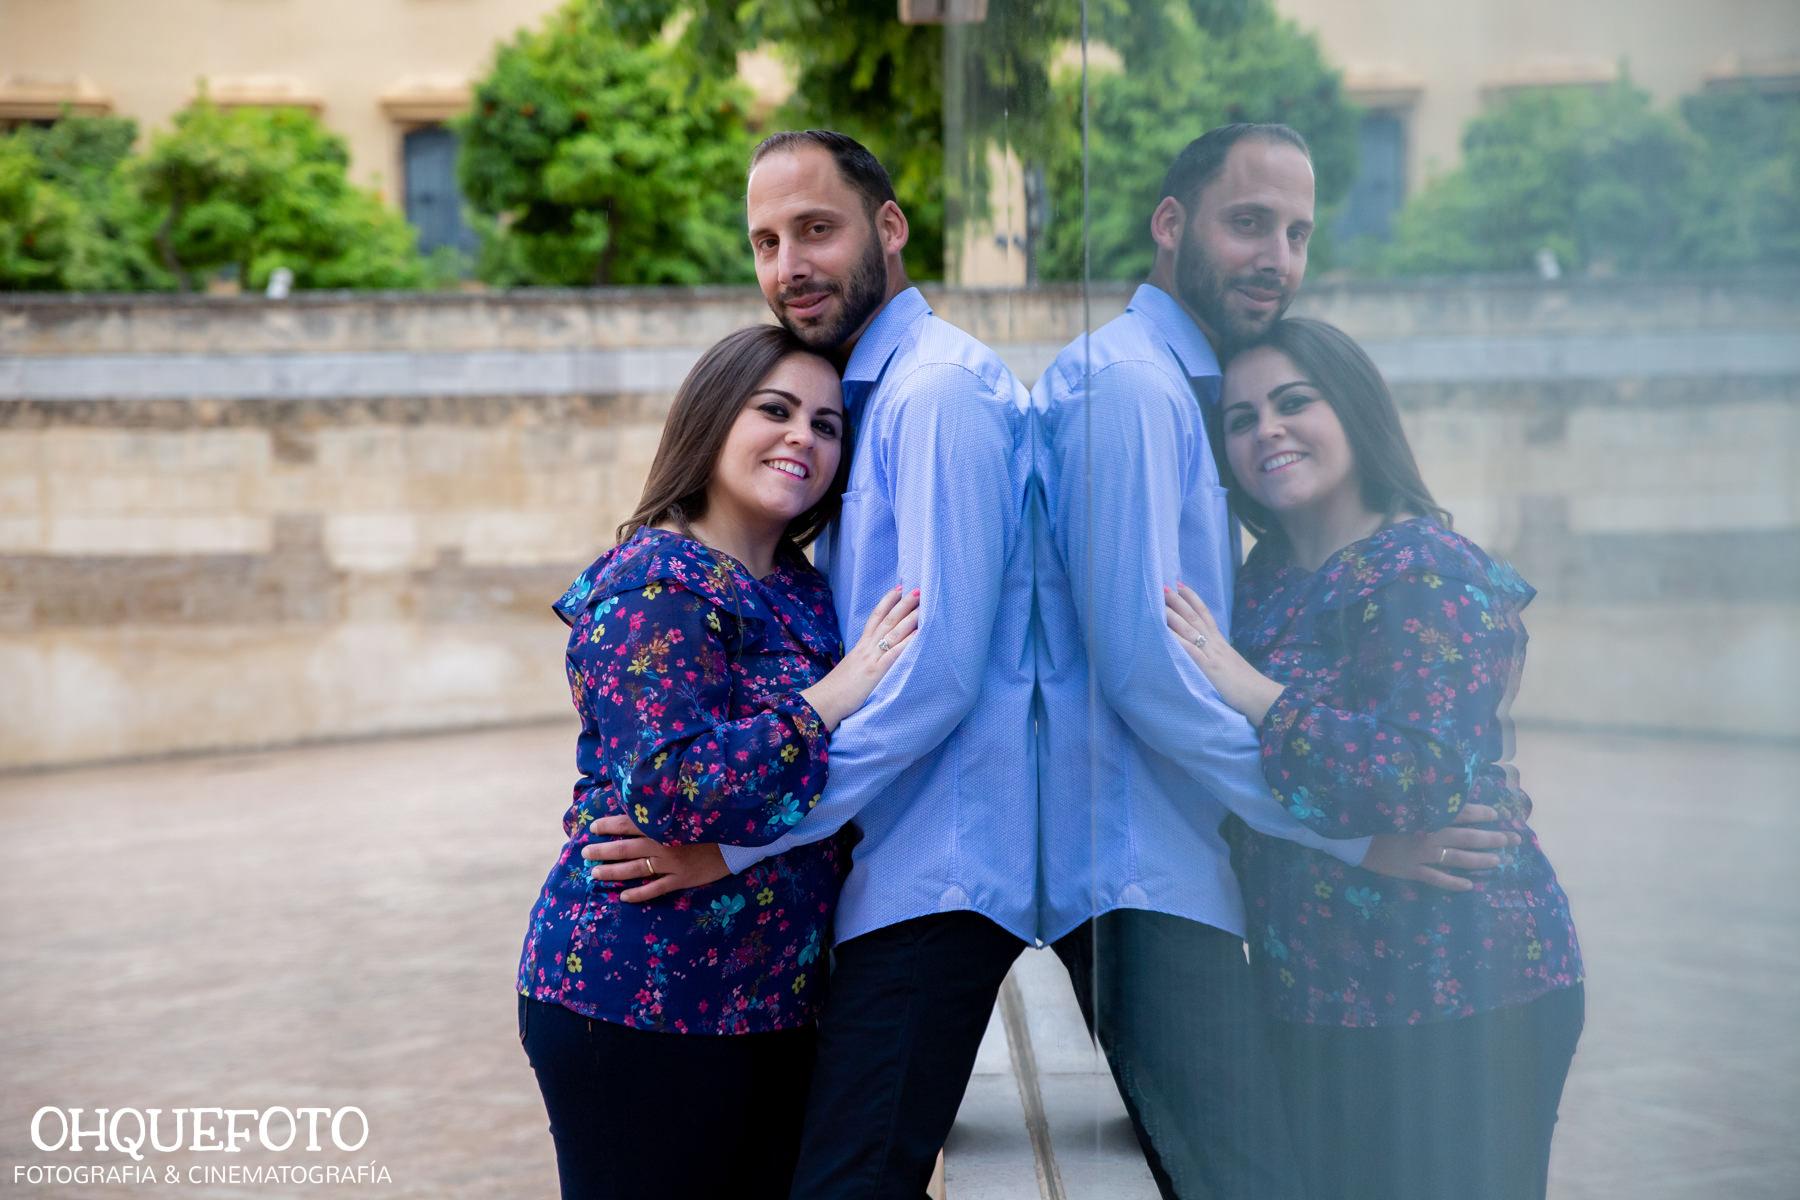 preboda en la judería de cordoba preboda en puente romano cordoba fotos de preboda en cordoba reportaje antes de la boda401 - Reportaje de preboda en la Judería de Córdoba - Elena y Jose